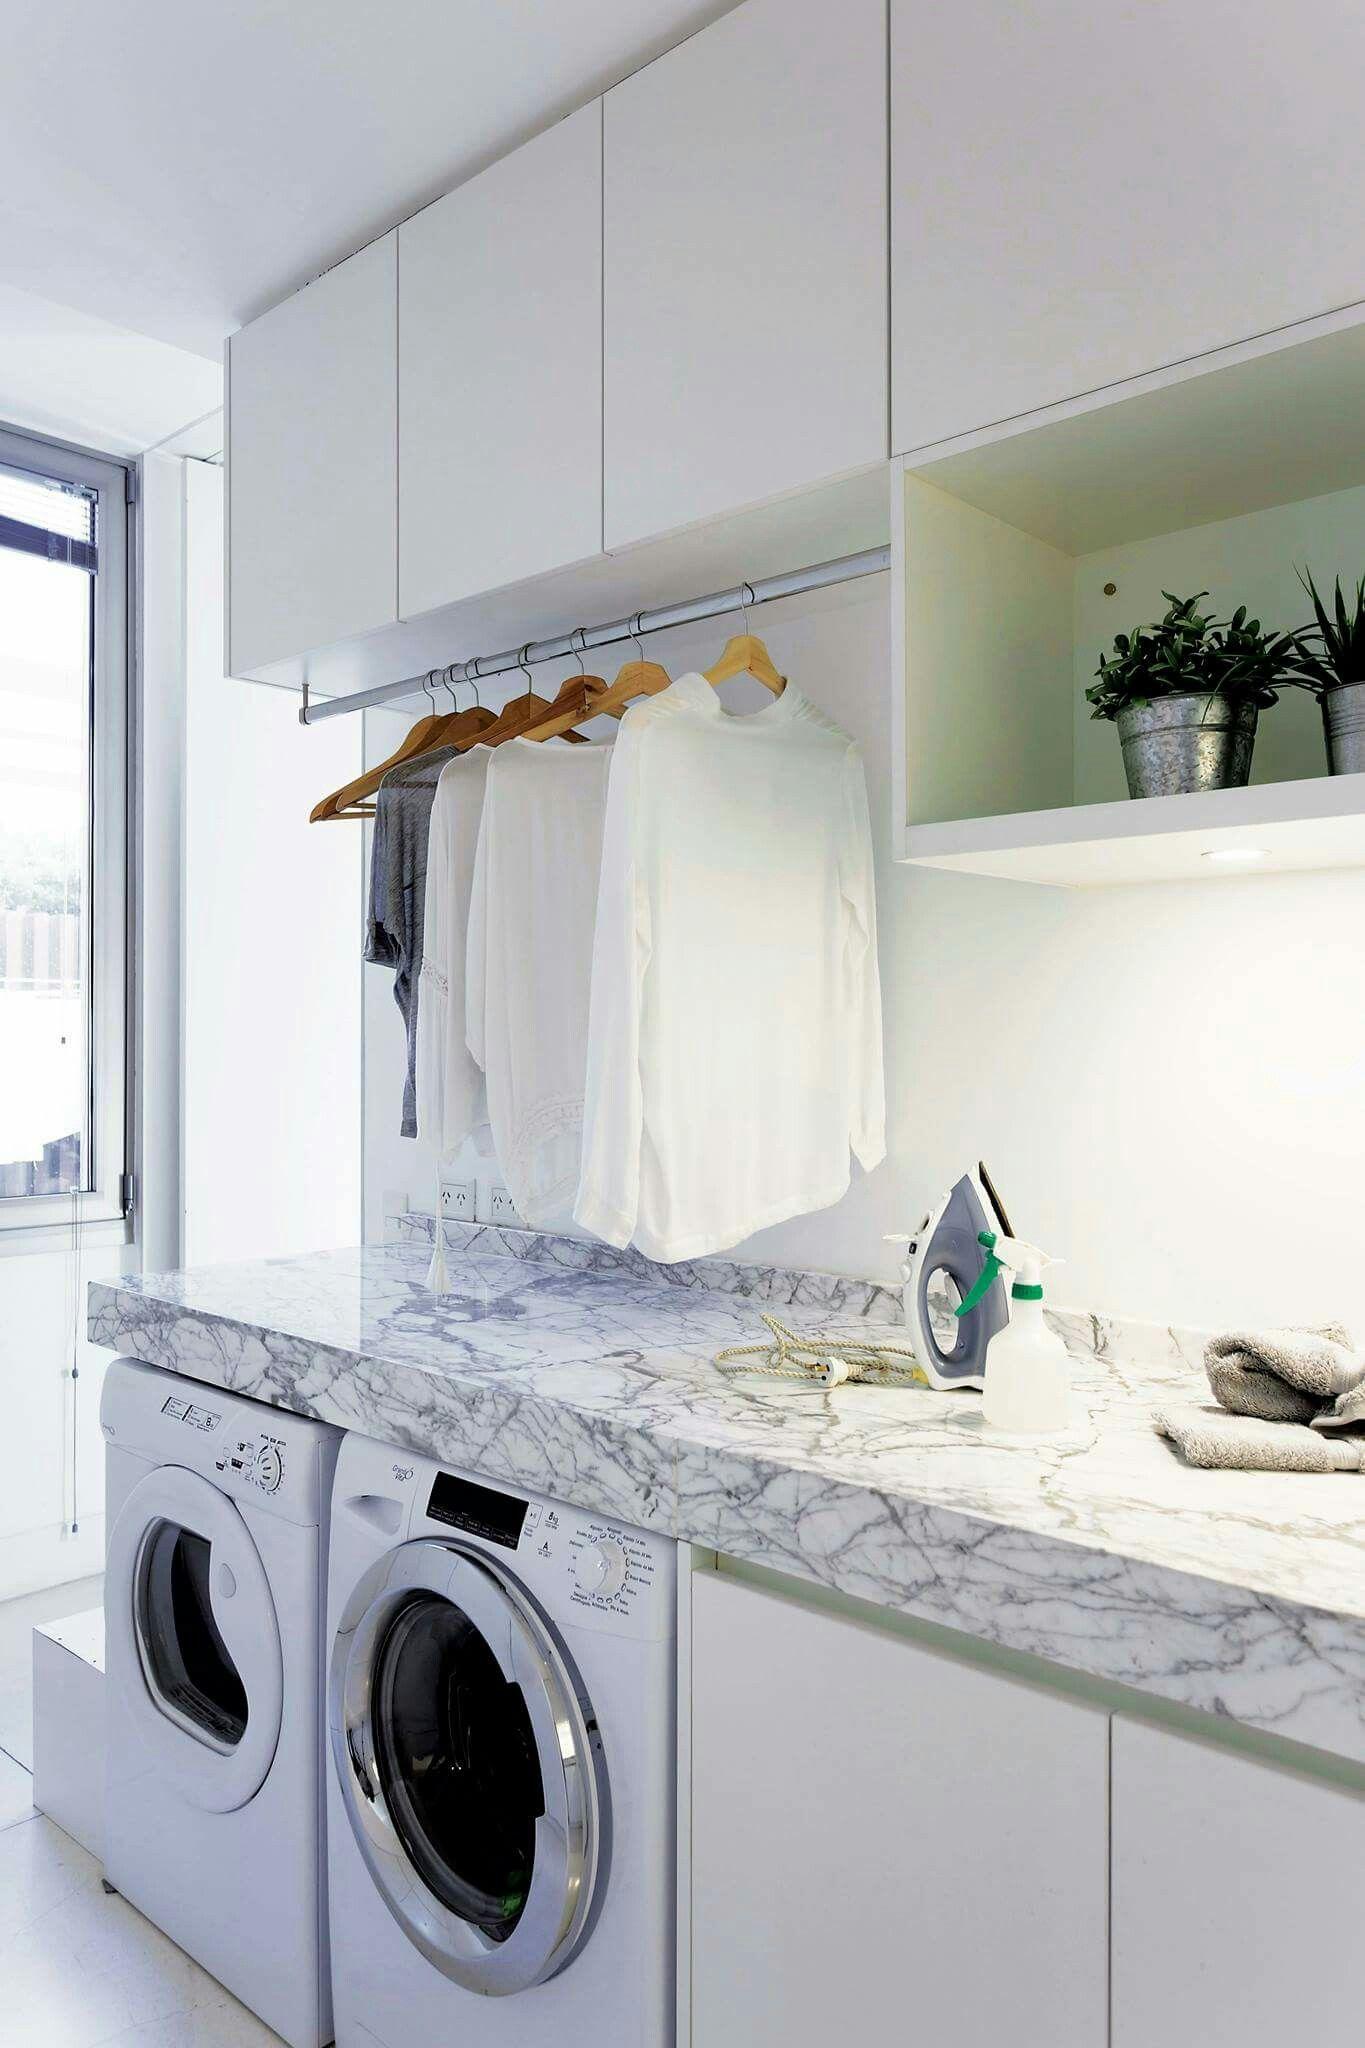 Pin by jack wardle on house ideas pinterest laundry laundry